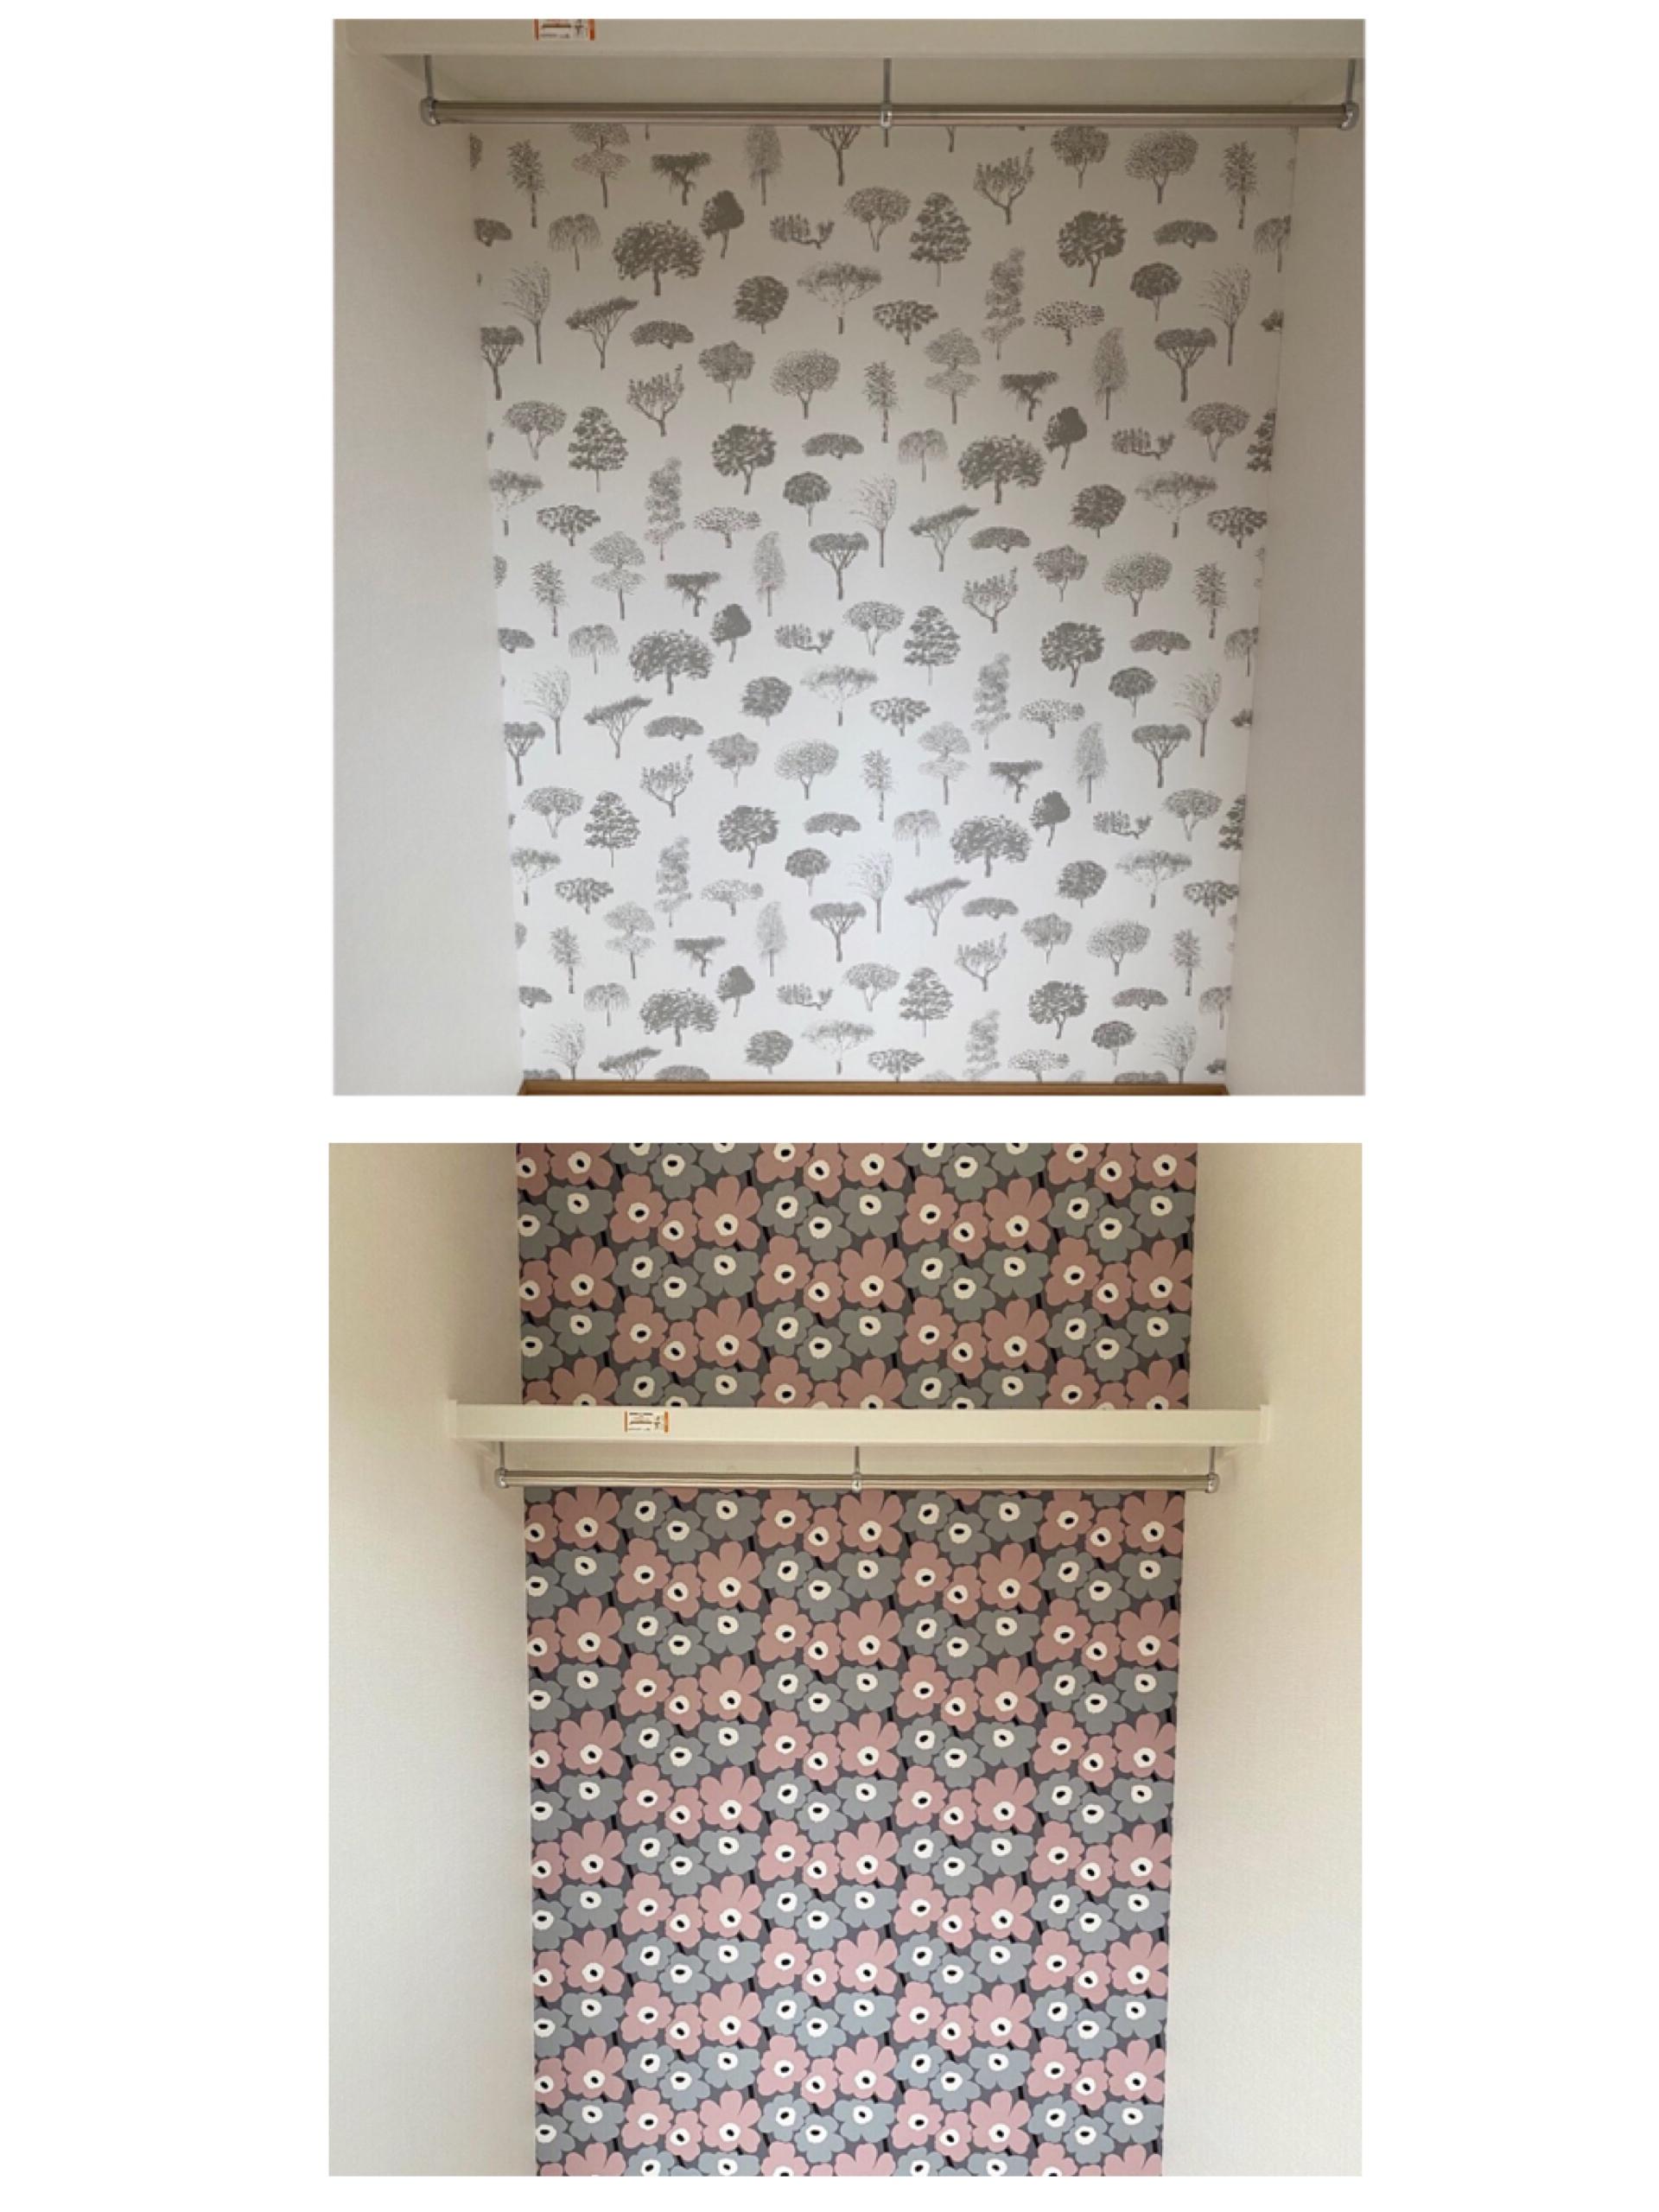 マリメッコ壁紙ピエニウニッコ+リンナンプイスト.jpeg